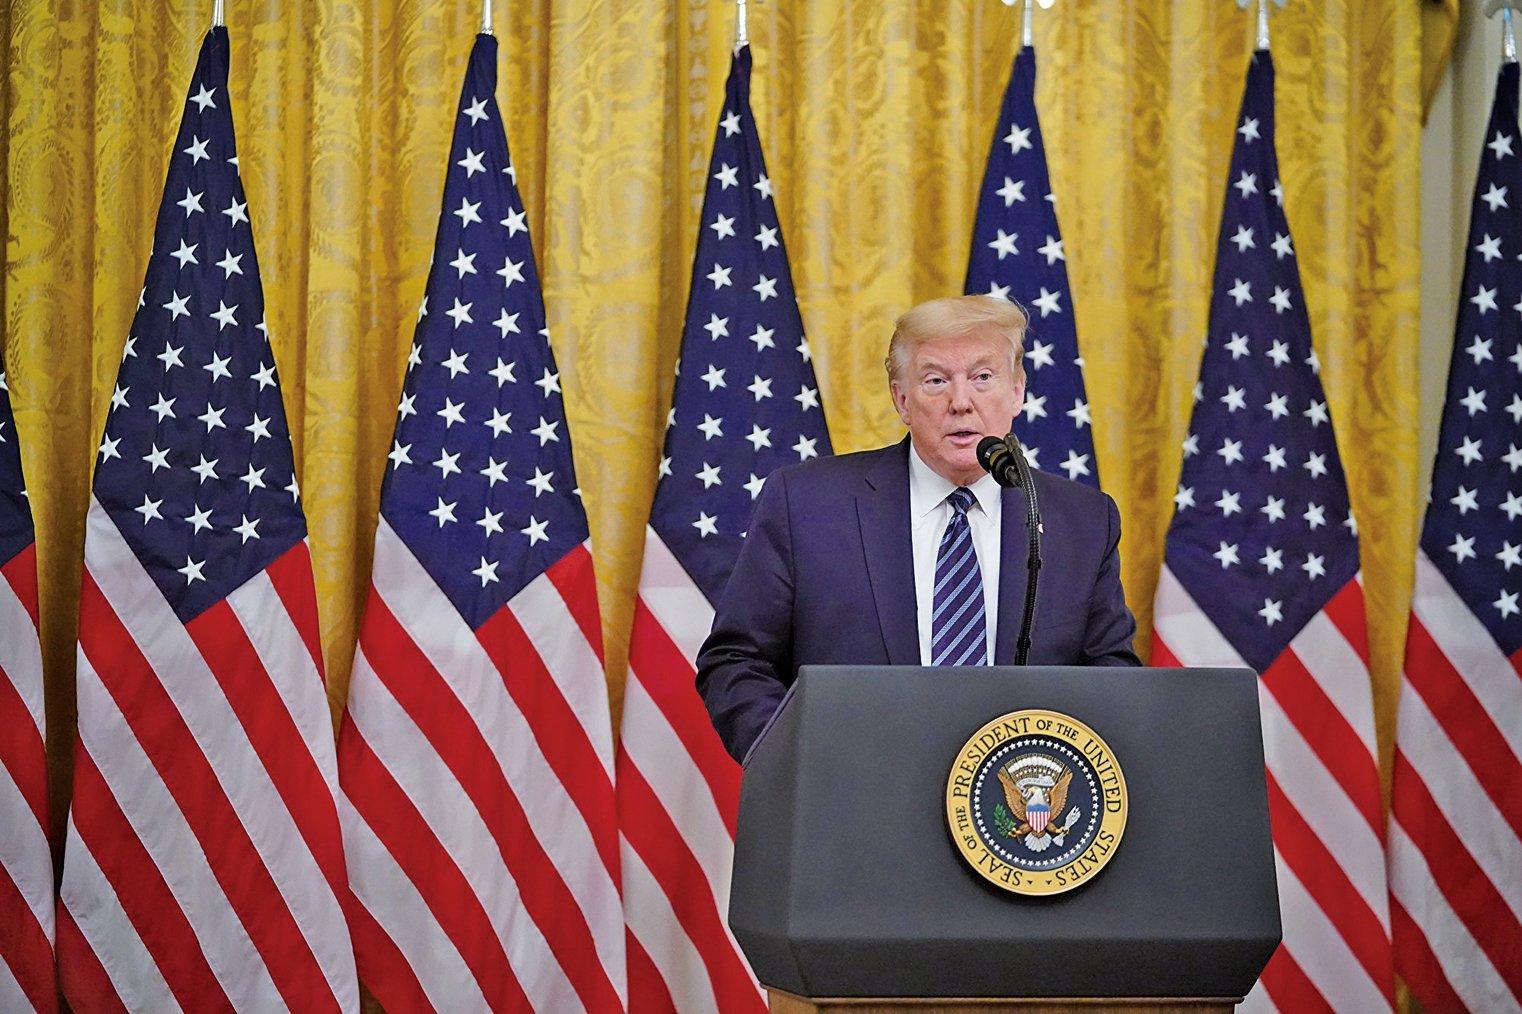 霍士商業新聞(FOX Business)獲悉,特朗普總統正在切斷美國聯邦退休基金和中國股票之間的投資關係,且此舉和特朗普政府不滿中共處理病毒疫情方式有關。(AFP)